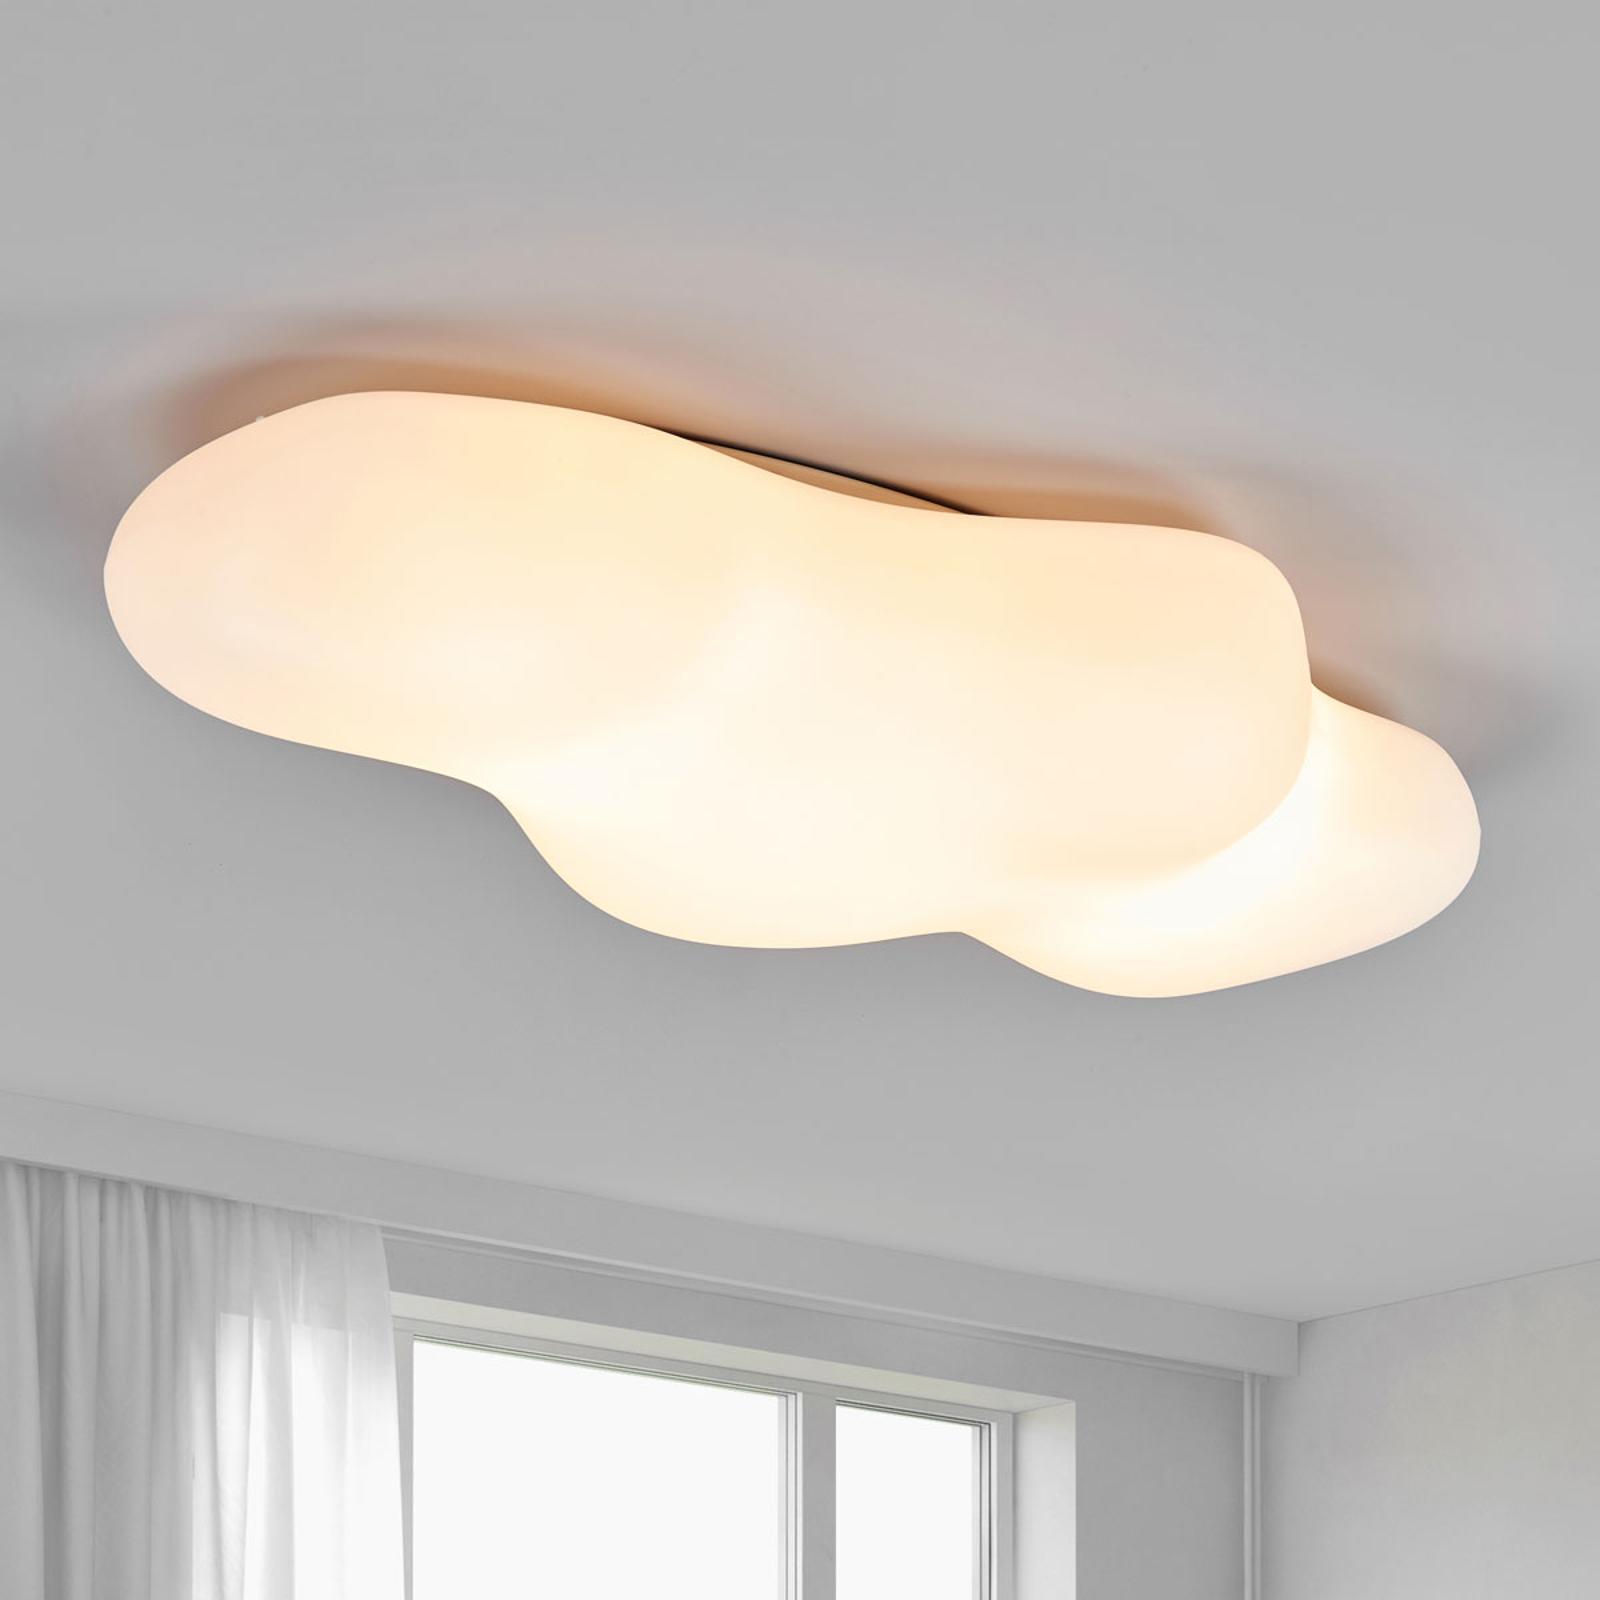 Lampa sufitowa Eos w kształcie chmury, 90 cm